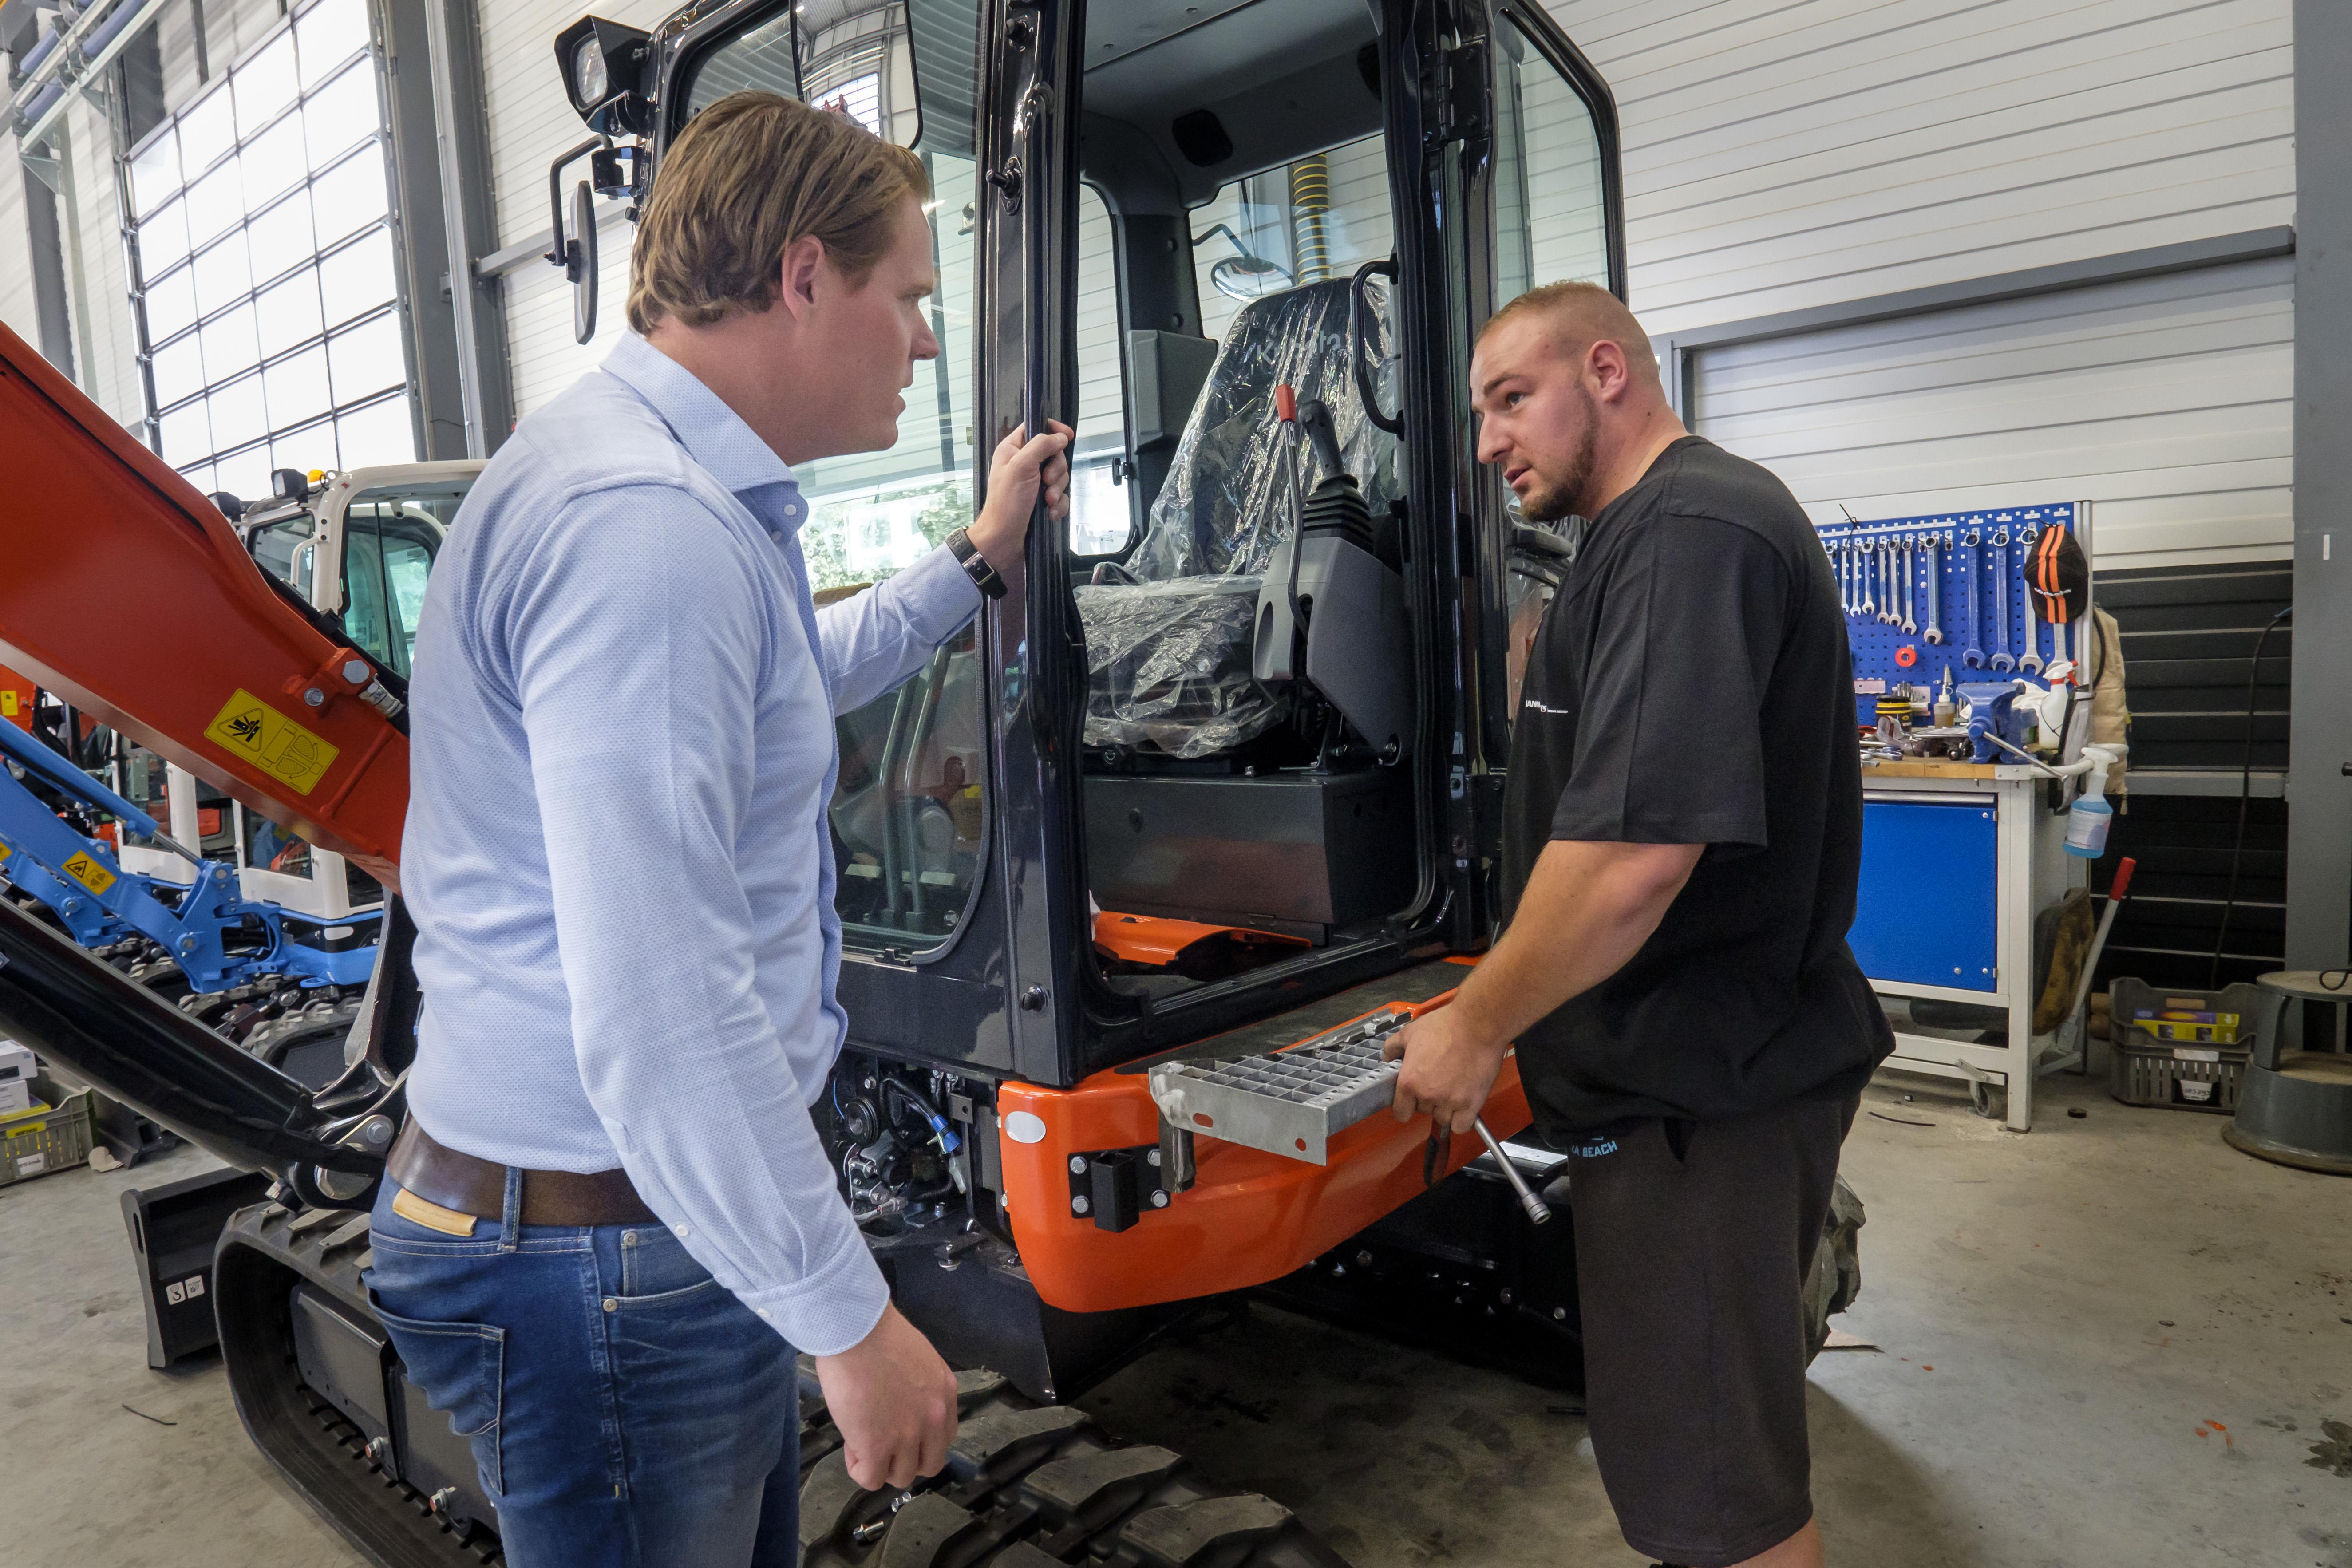 <p>Koen Meerman overlegt met een monteurin de werkplaats.</p>